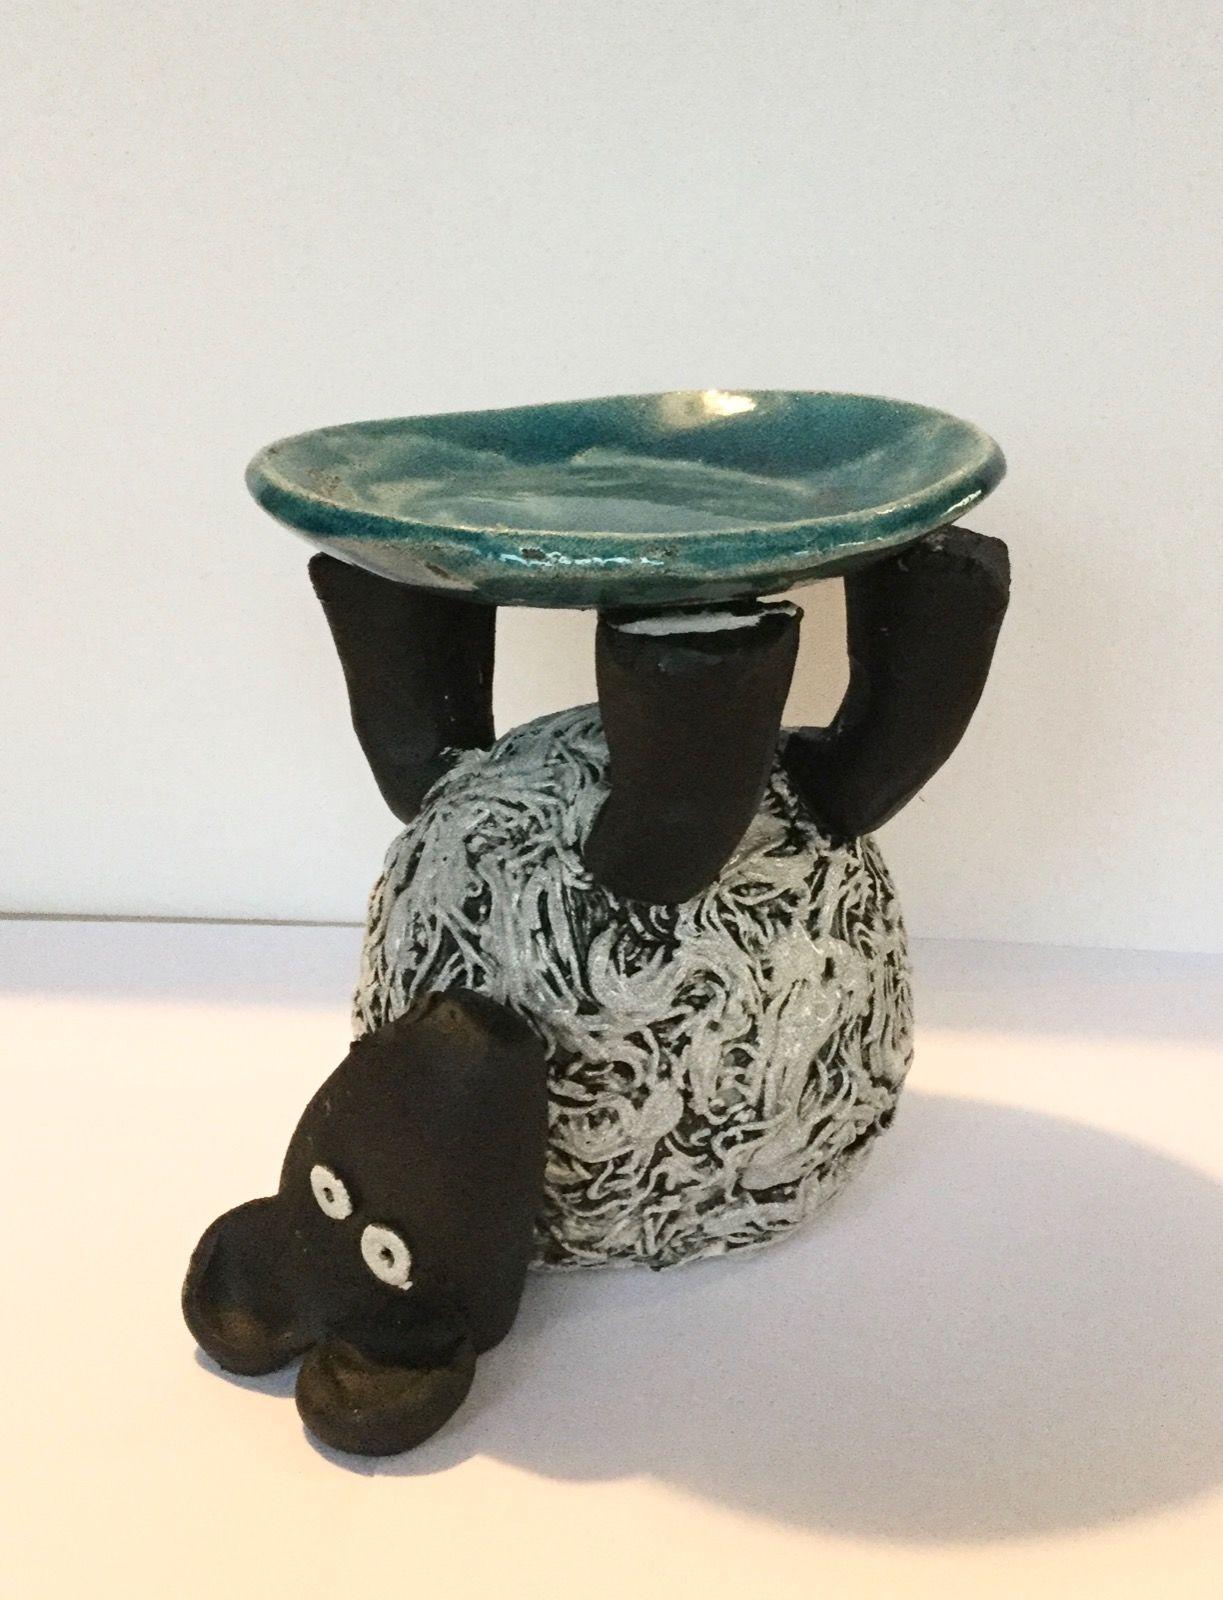 Sheep balancing bowl